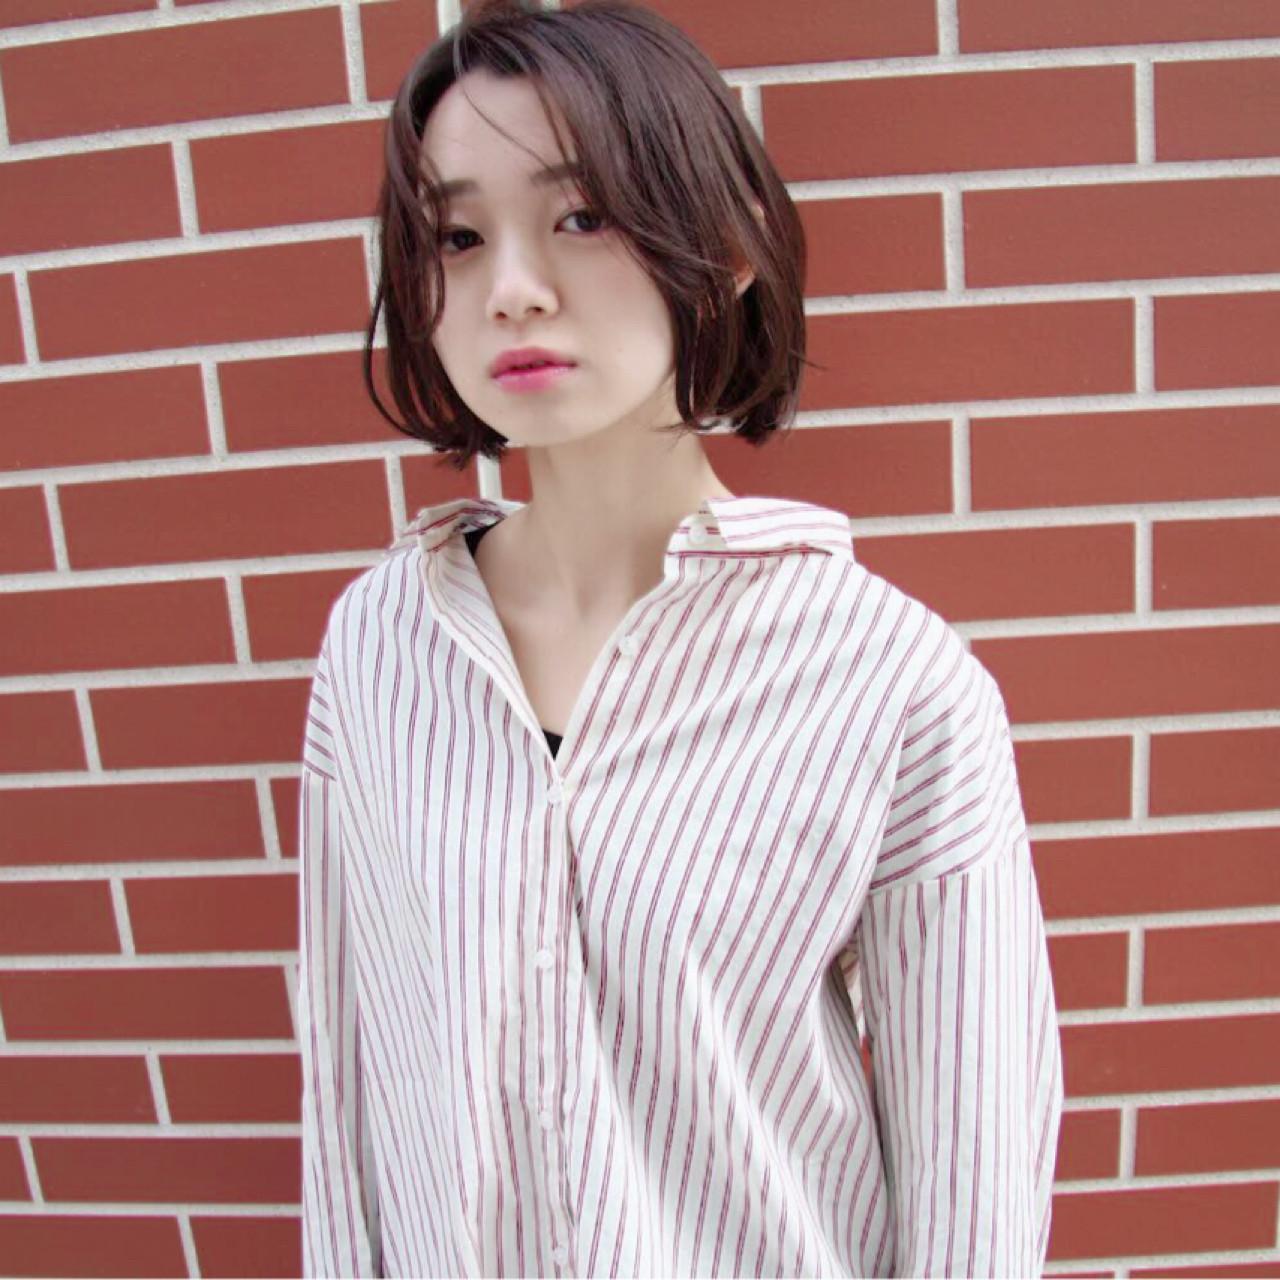 抜け感 透明感 アンニュイ ボブ ヘアスタイルや髪型の写真・画像